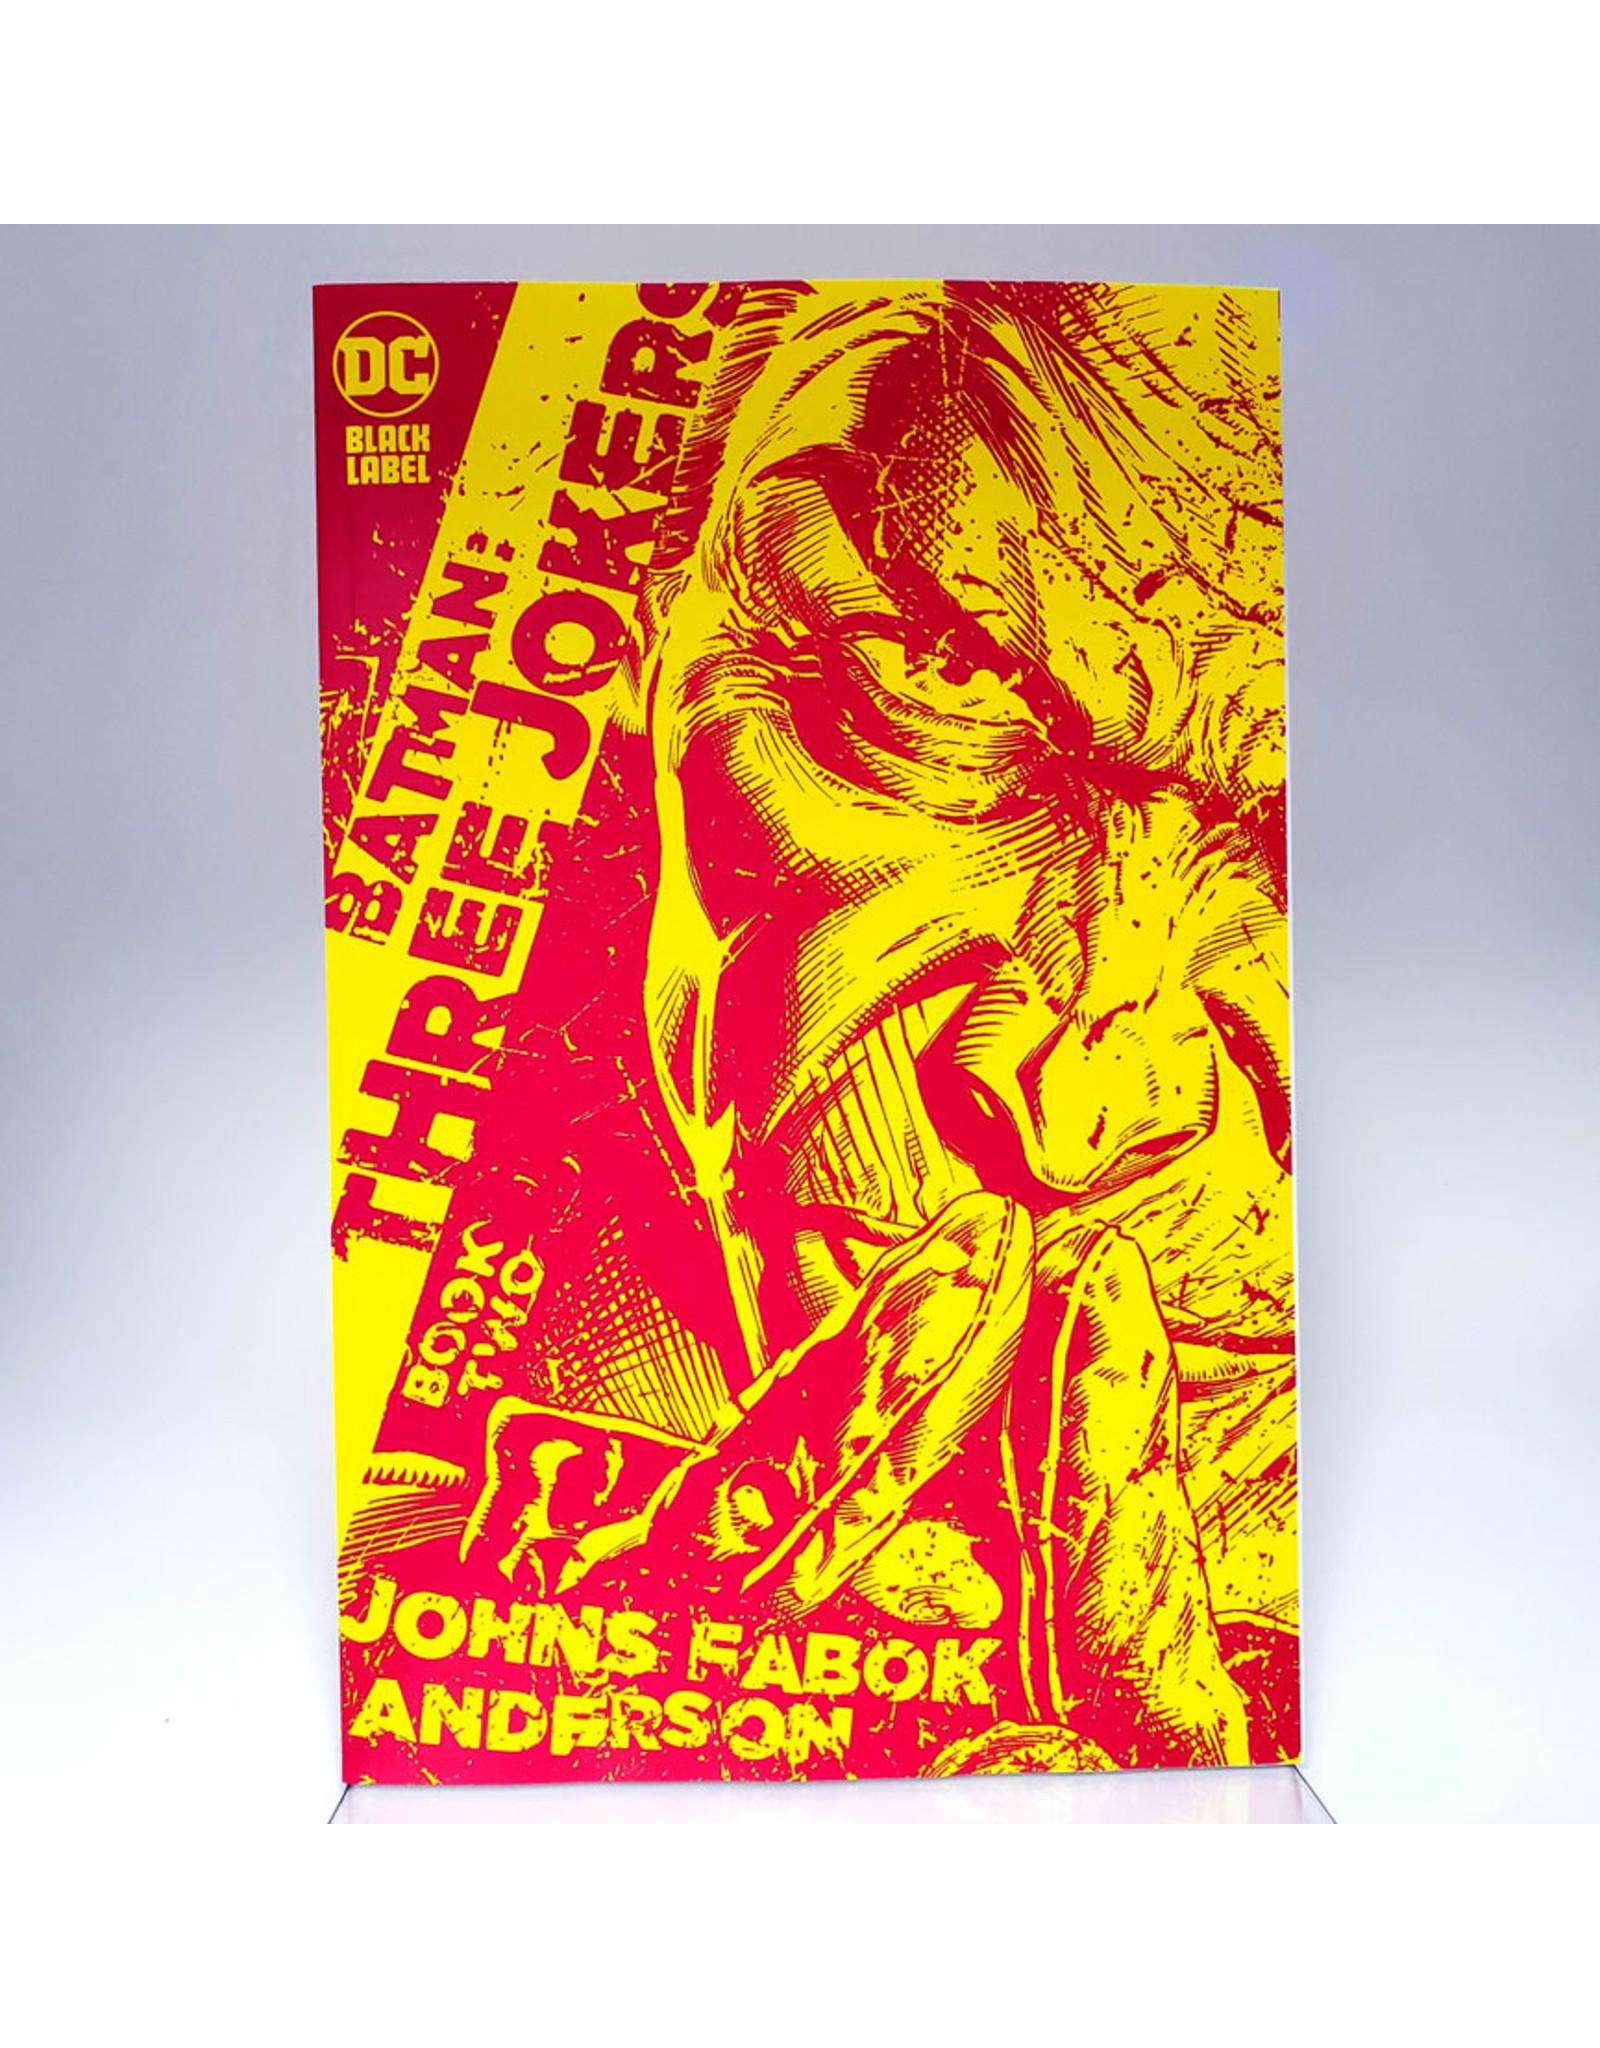 DC COMICS BATMAN THREE JOKERS #2 (OF 3) INCENTIVE 1:25 VARIANT